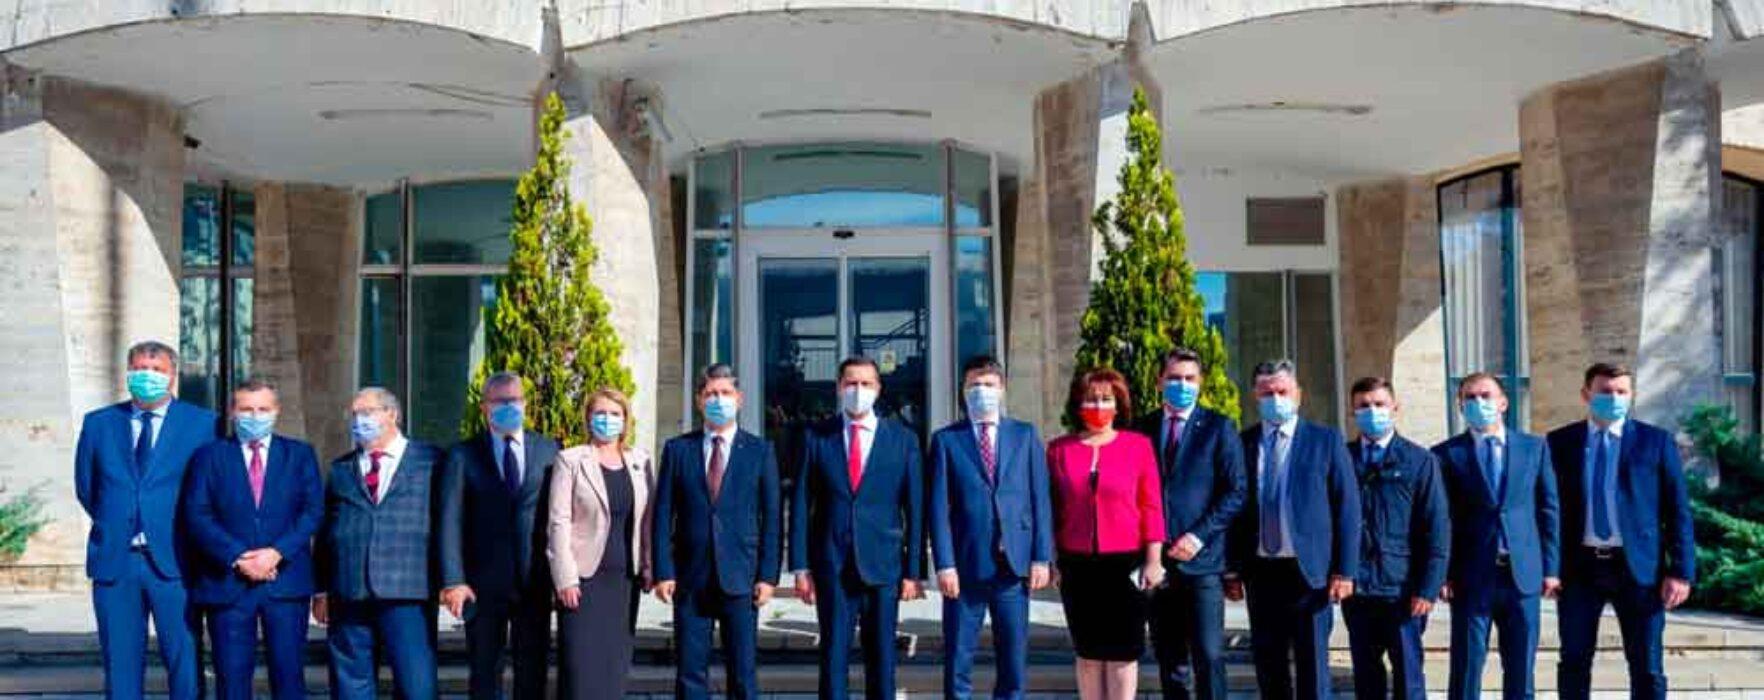 #parlamentare PSD Dâmboviţa: Titus Corlăţean deschide lista la Senat; Ioan Vulpescu şi Carmen Holban la Camera Deputaţilor